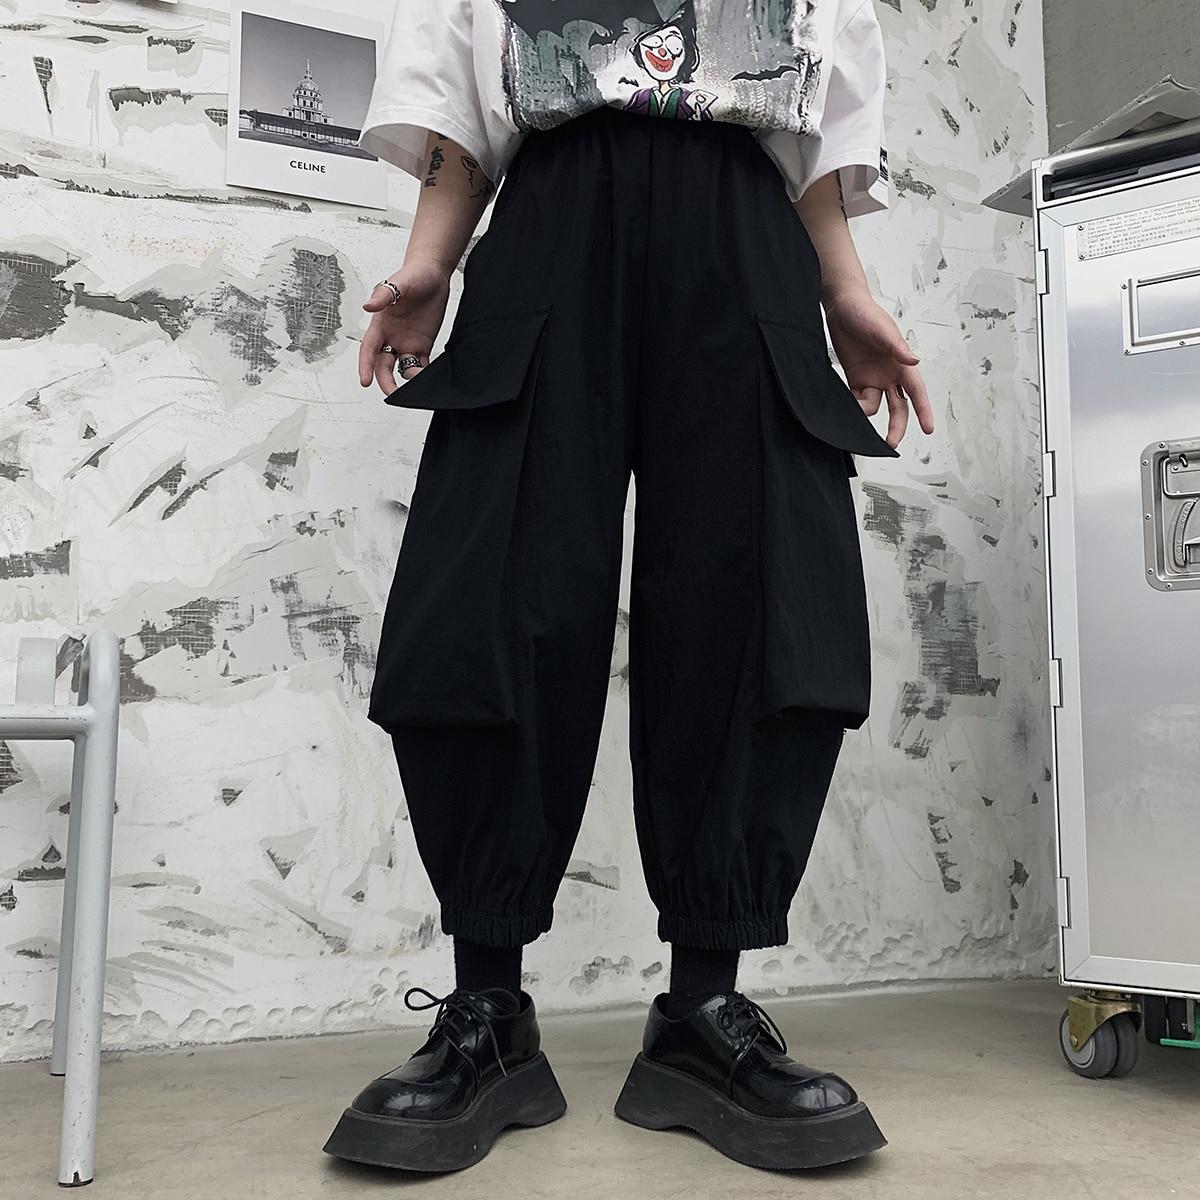 ملابس عمل صيفية كبيرة الحجم ذات جيب كبير مرنة الخصر فضفاضة منخفضة المنشعب هارلان كابريس عصرية ملابس مغسولة